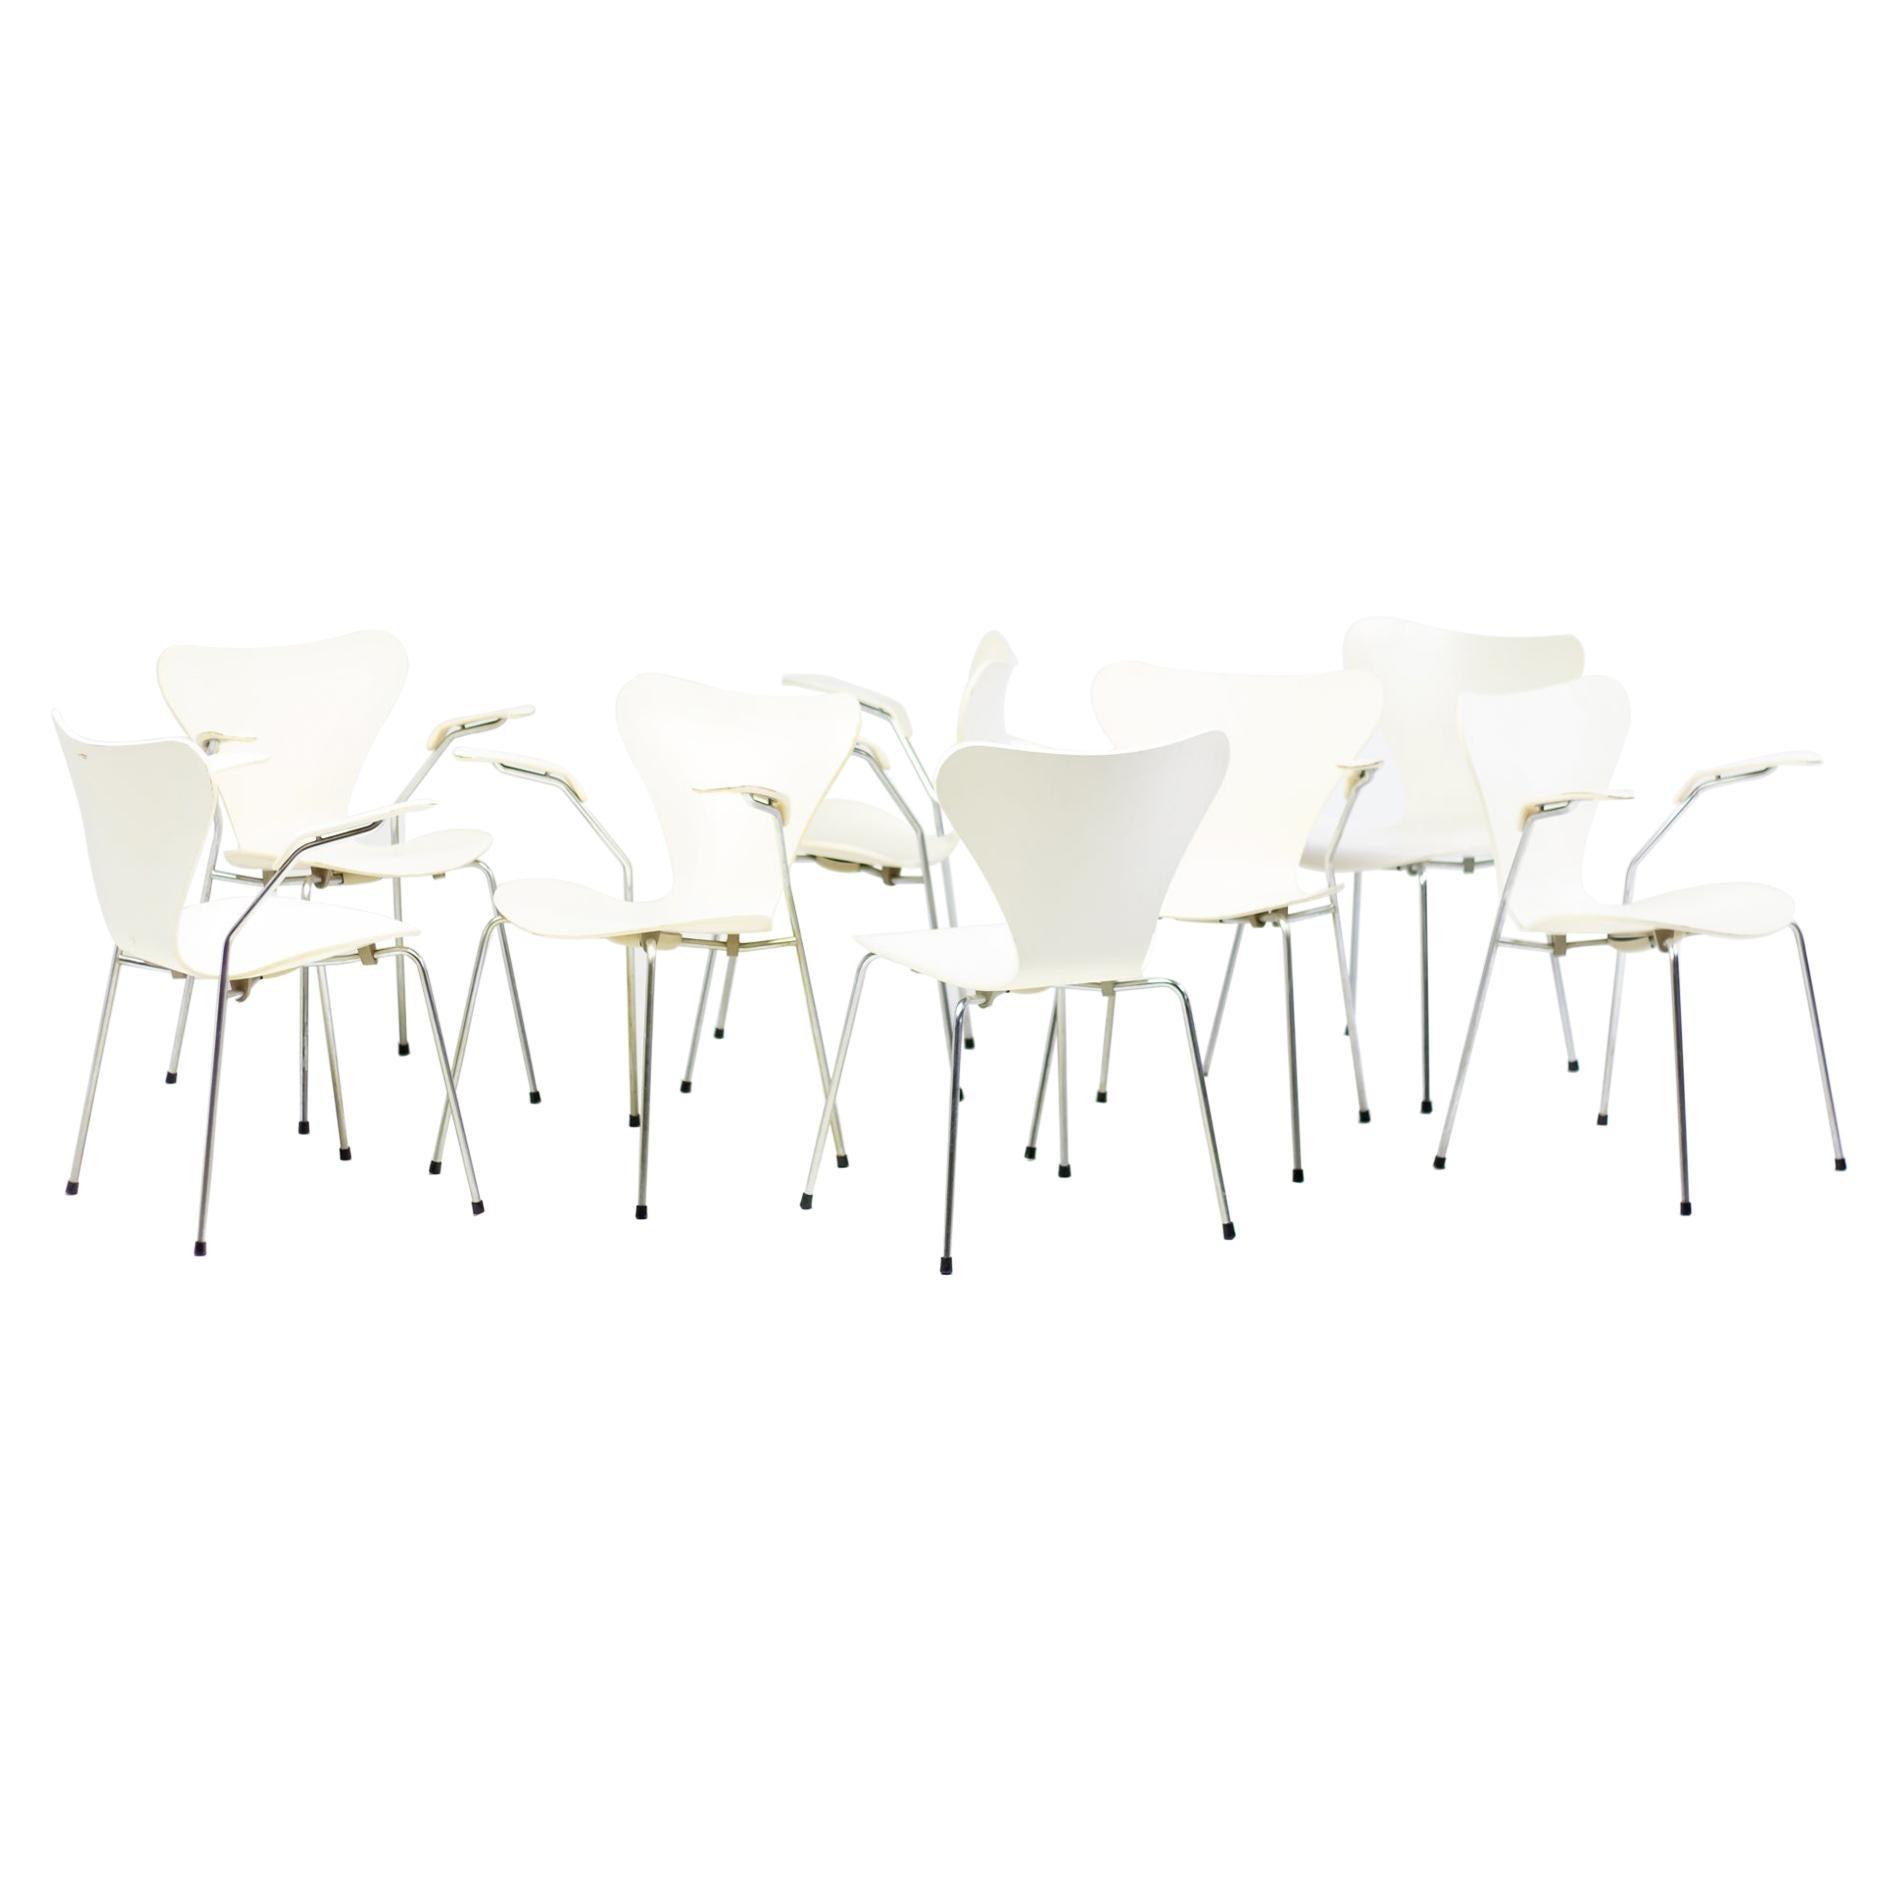 Arne Jacobsen Arm Chairs Model 3107 / Seven Series, Fritz Hansen, Denmark, 1973